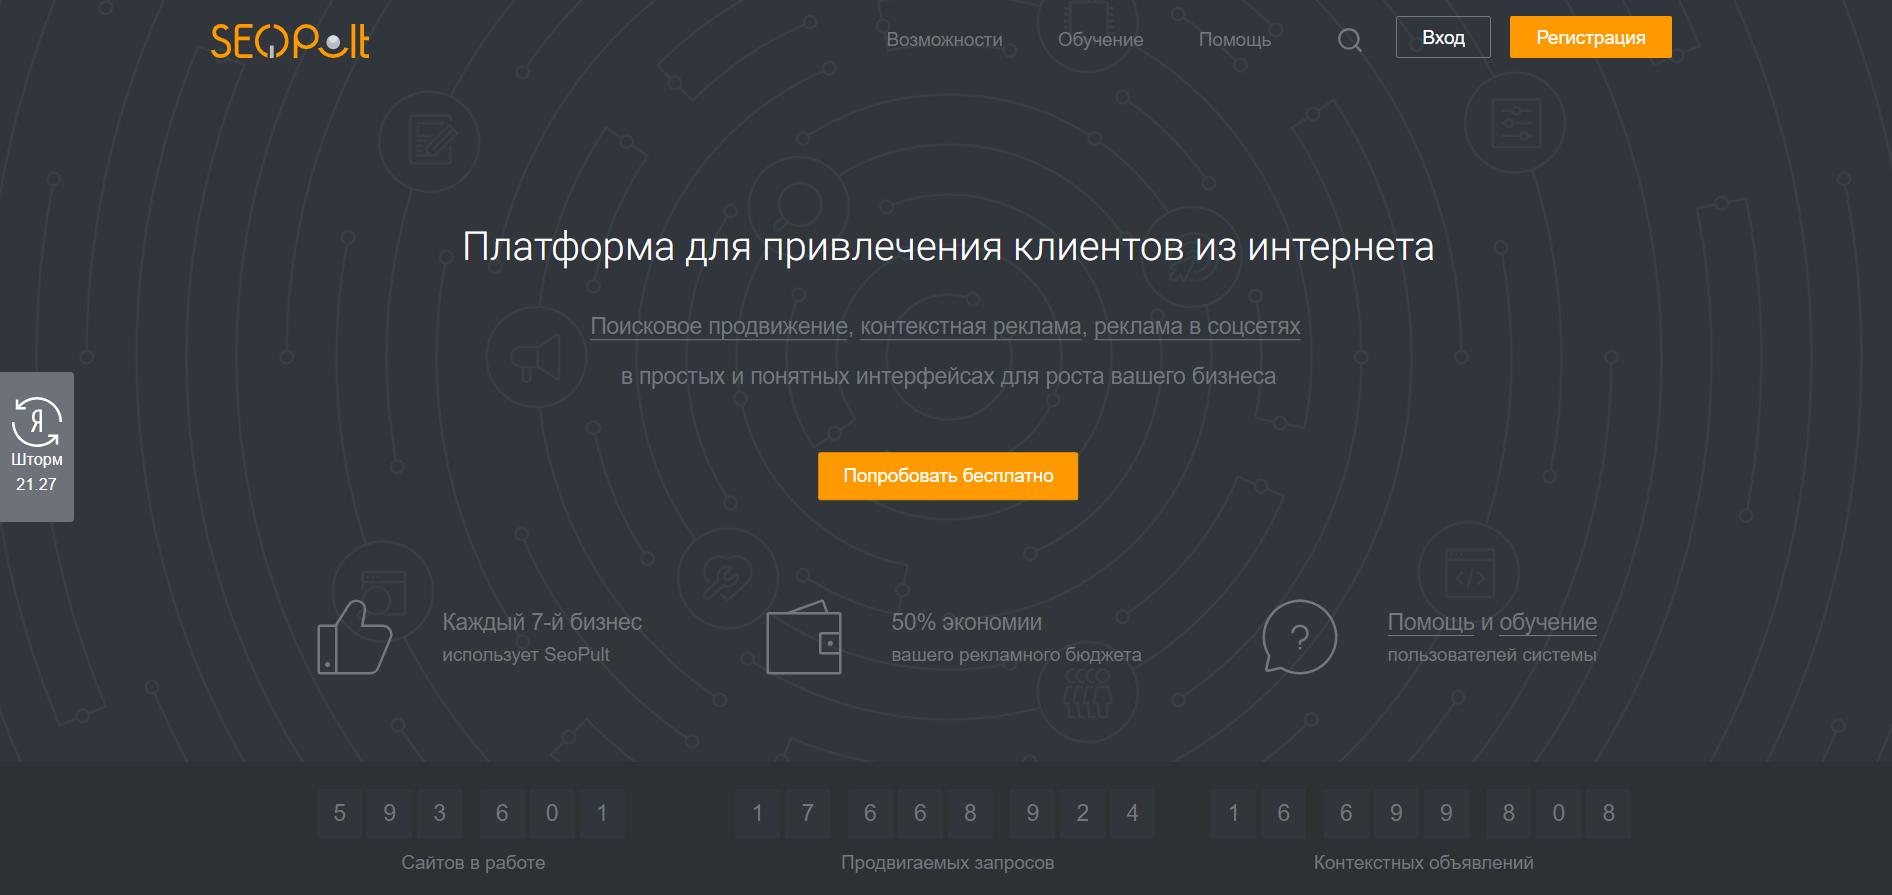 Seopult — какой сервис автоматического продвижения выбрать